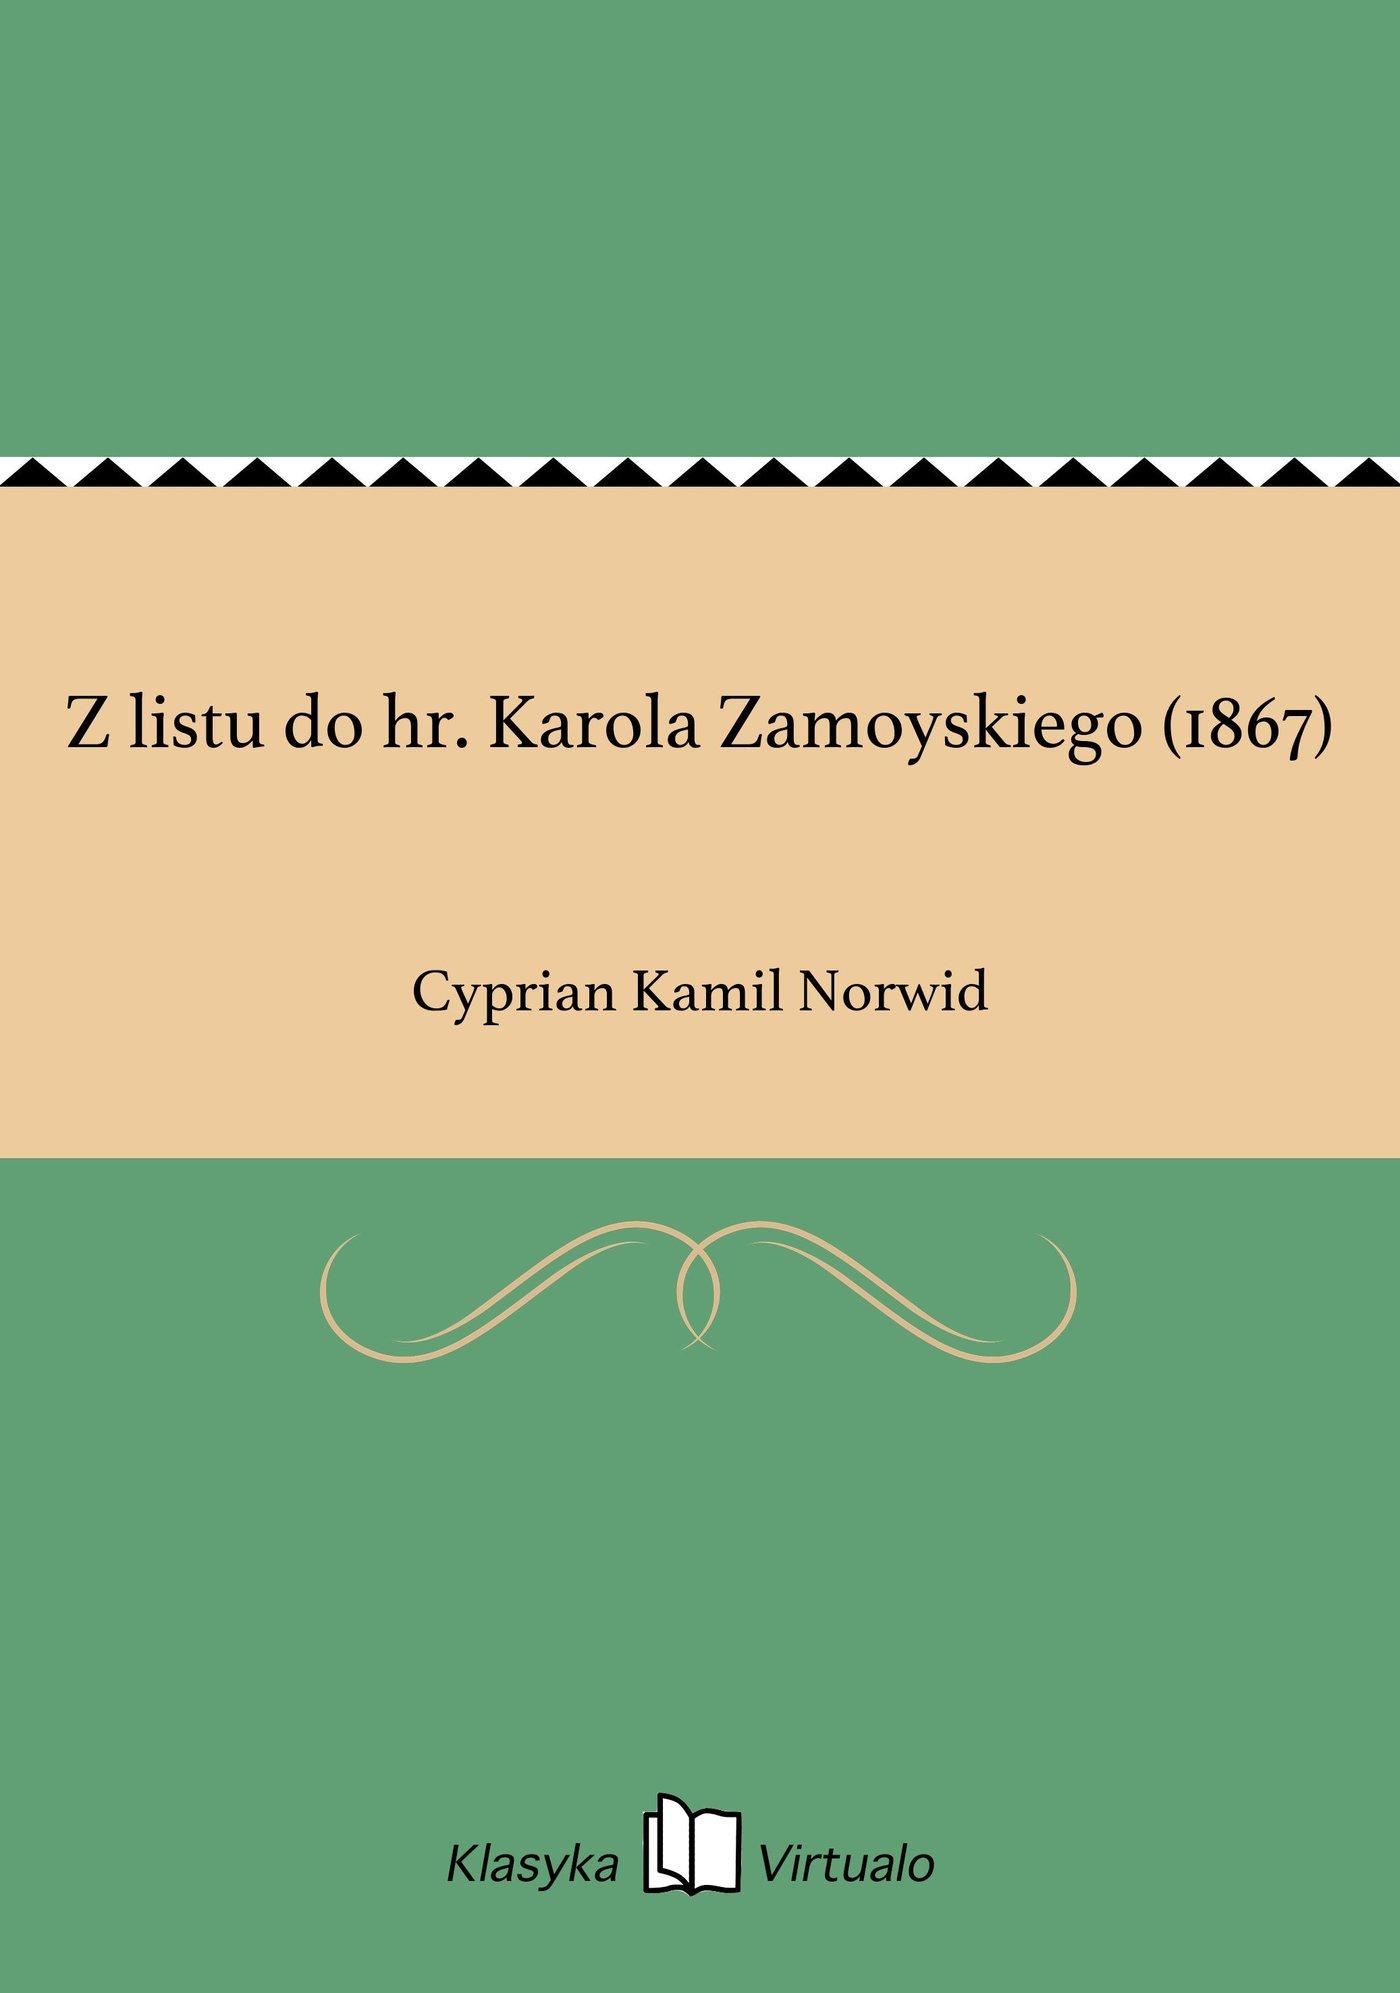 Z listu do hr. Karola Zamoyskiego (1867) - Ebook (Książka EPUB) do pobrania w formacie EPUB